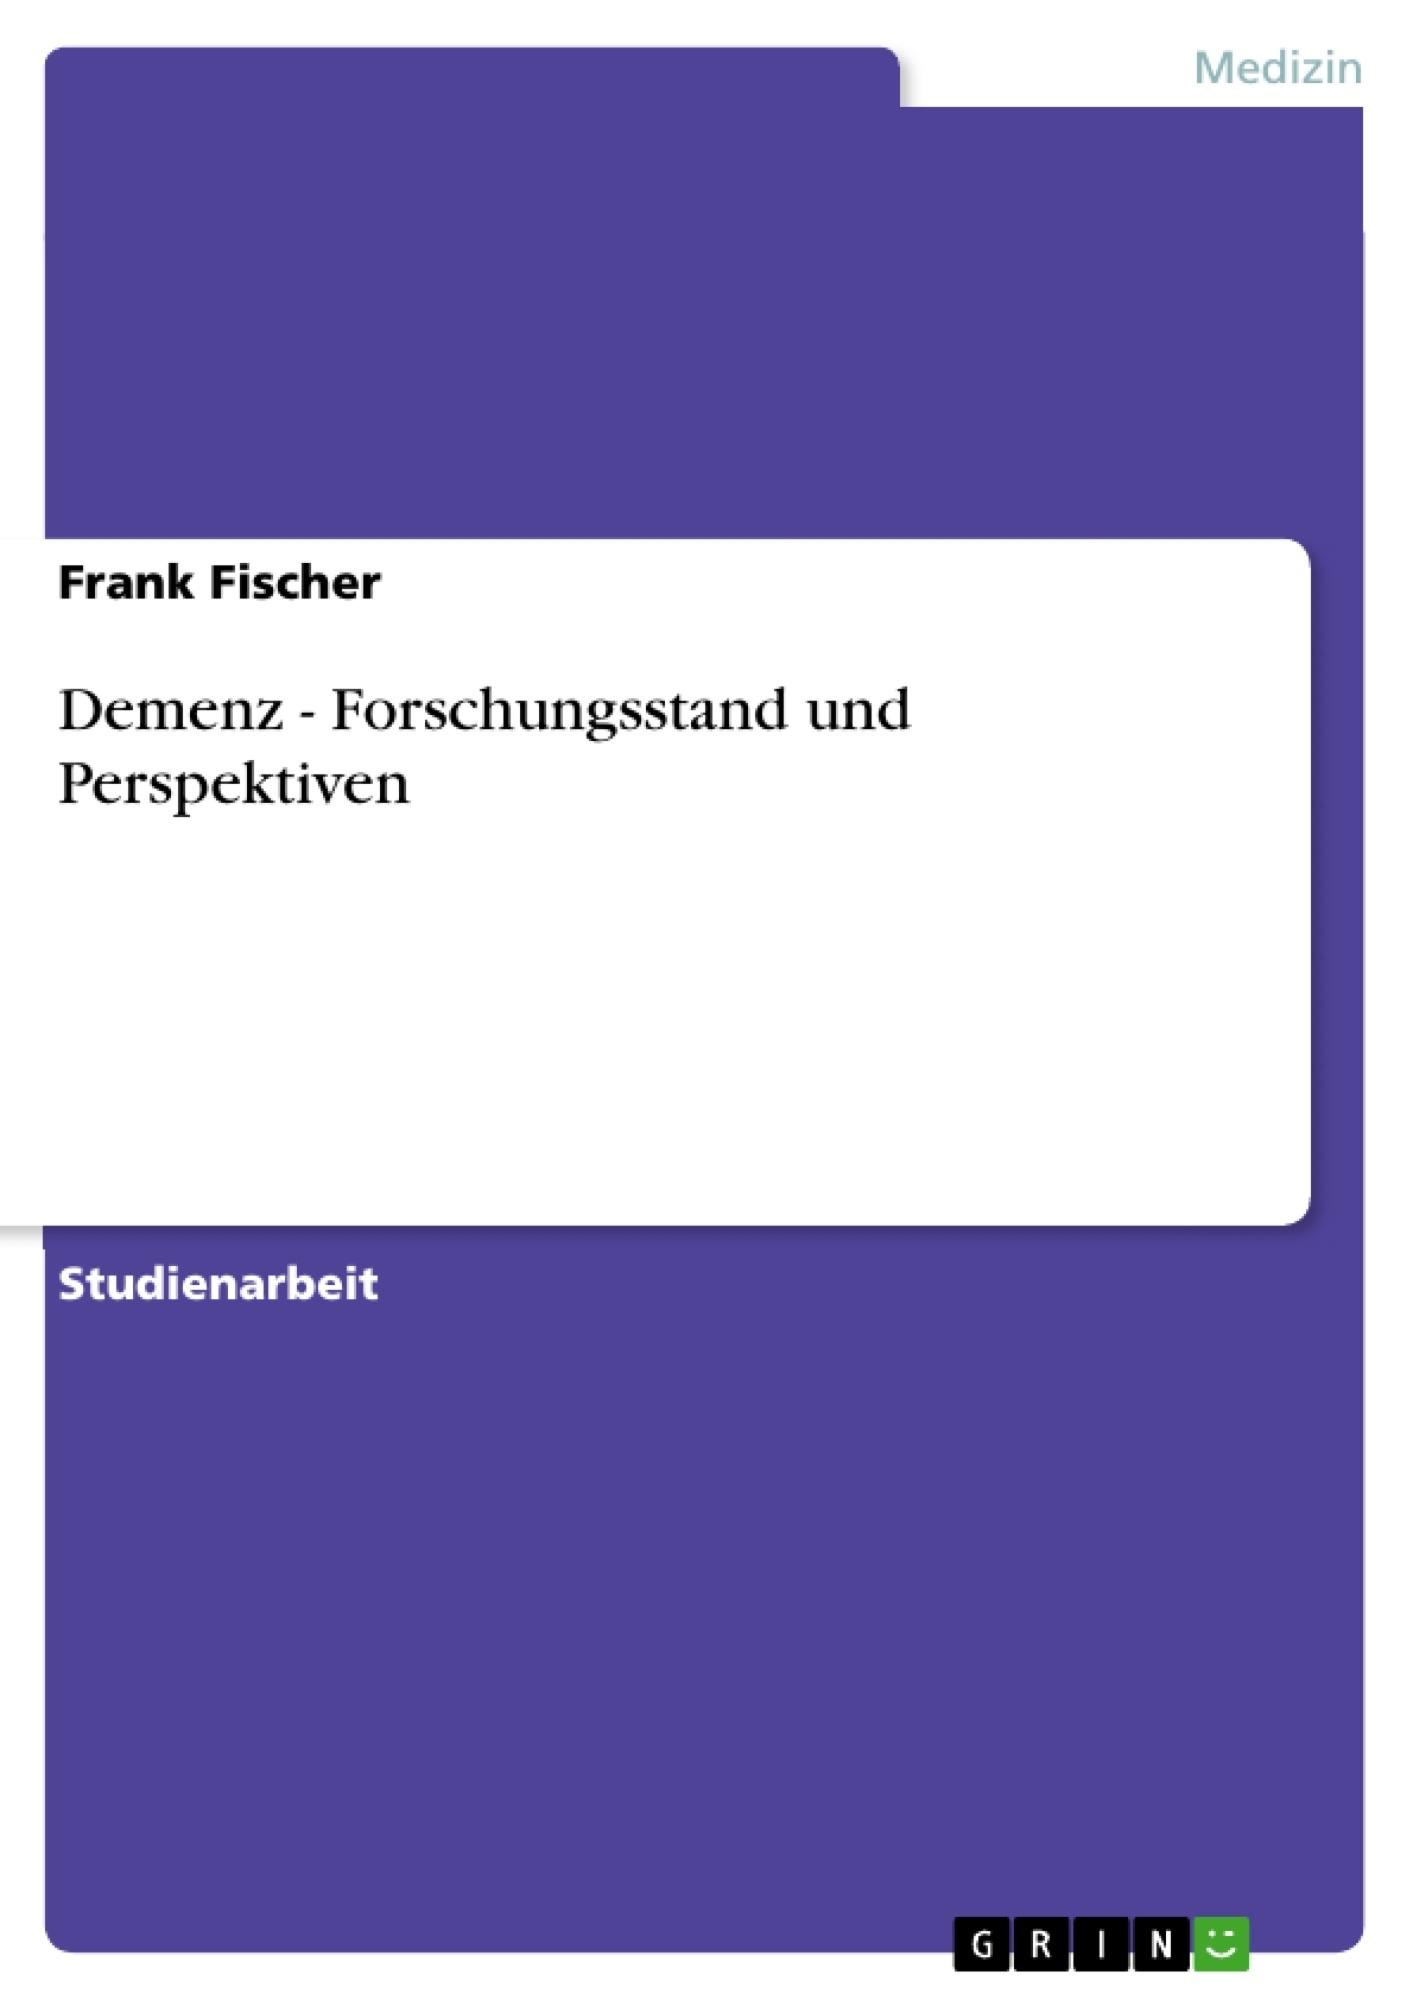 Titel: Demenz - Forschungsstand und Perspektiven